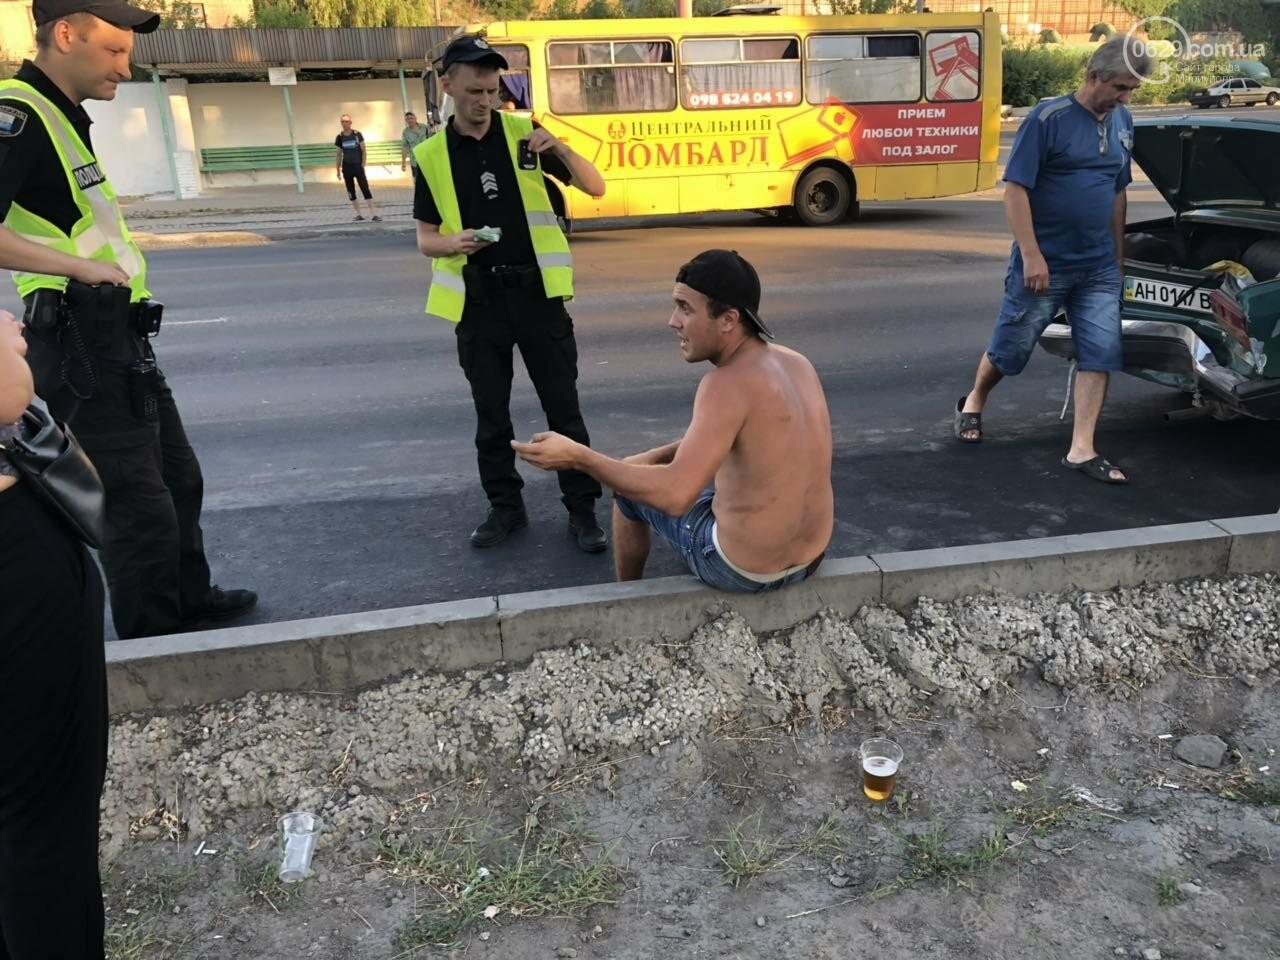 """В Мариуполе пьяный таксист с голым торсом врезался в """"семерку"""", - ФОТО, ВИДЕО, фото-1"""